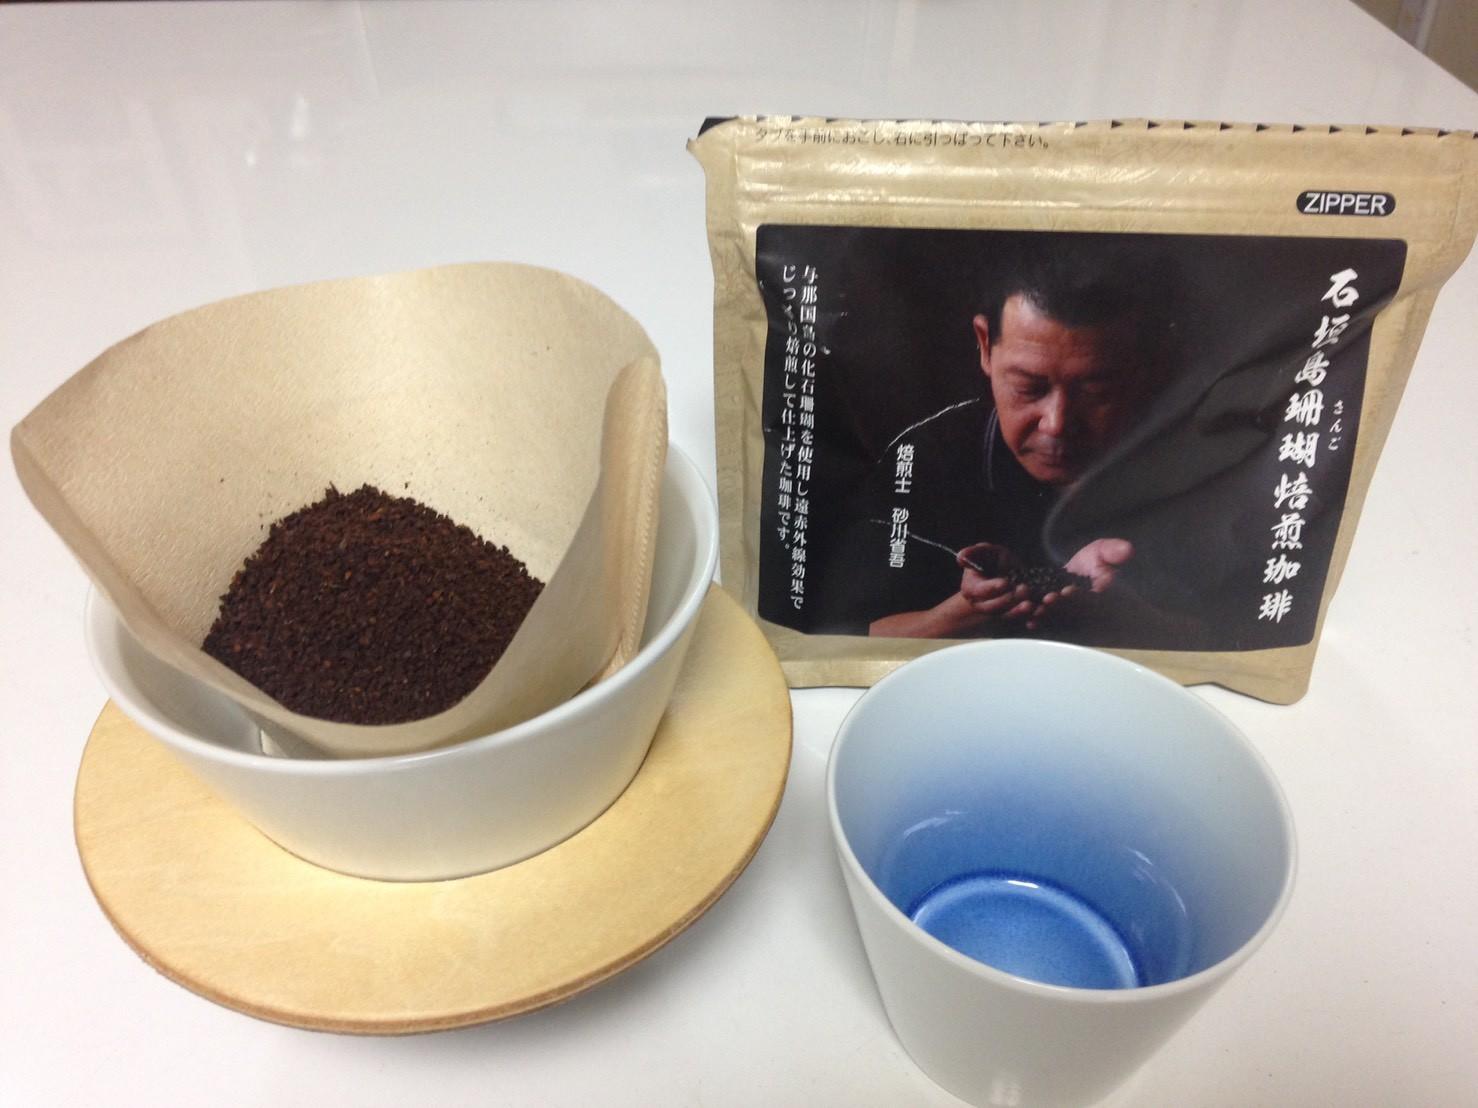 沖縄特産 石垣島珊瑚焙煎珈琲(粉)2袋セット(送料込)